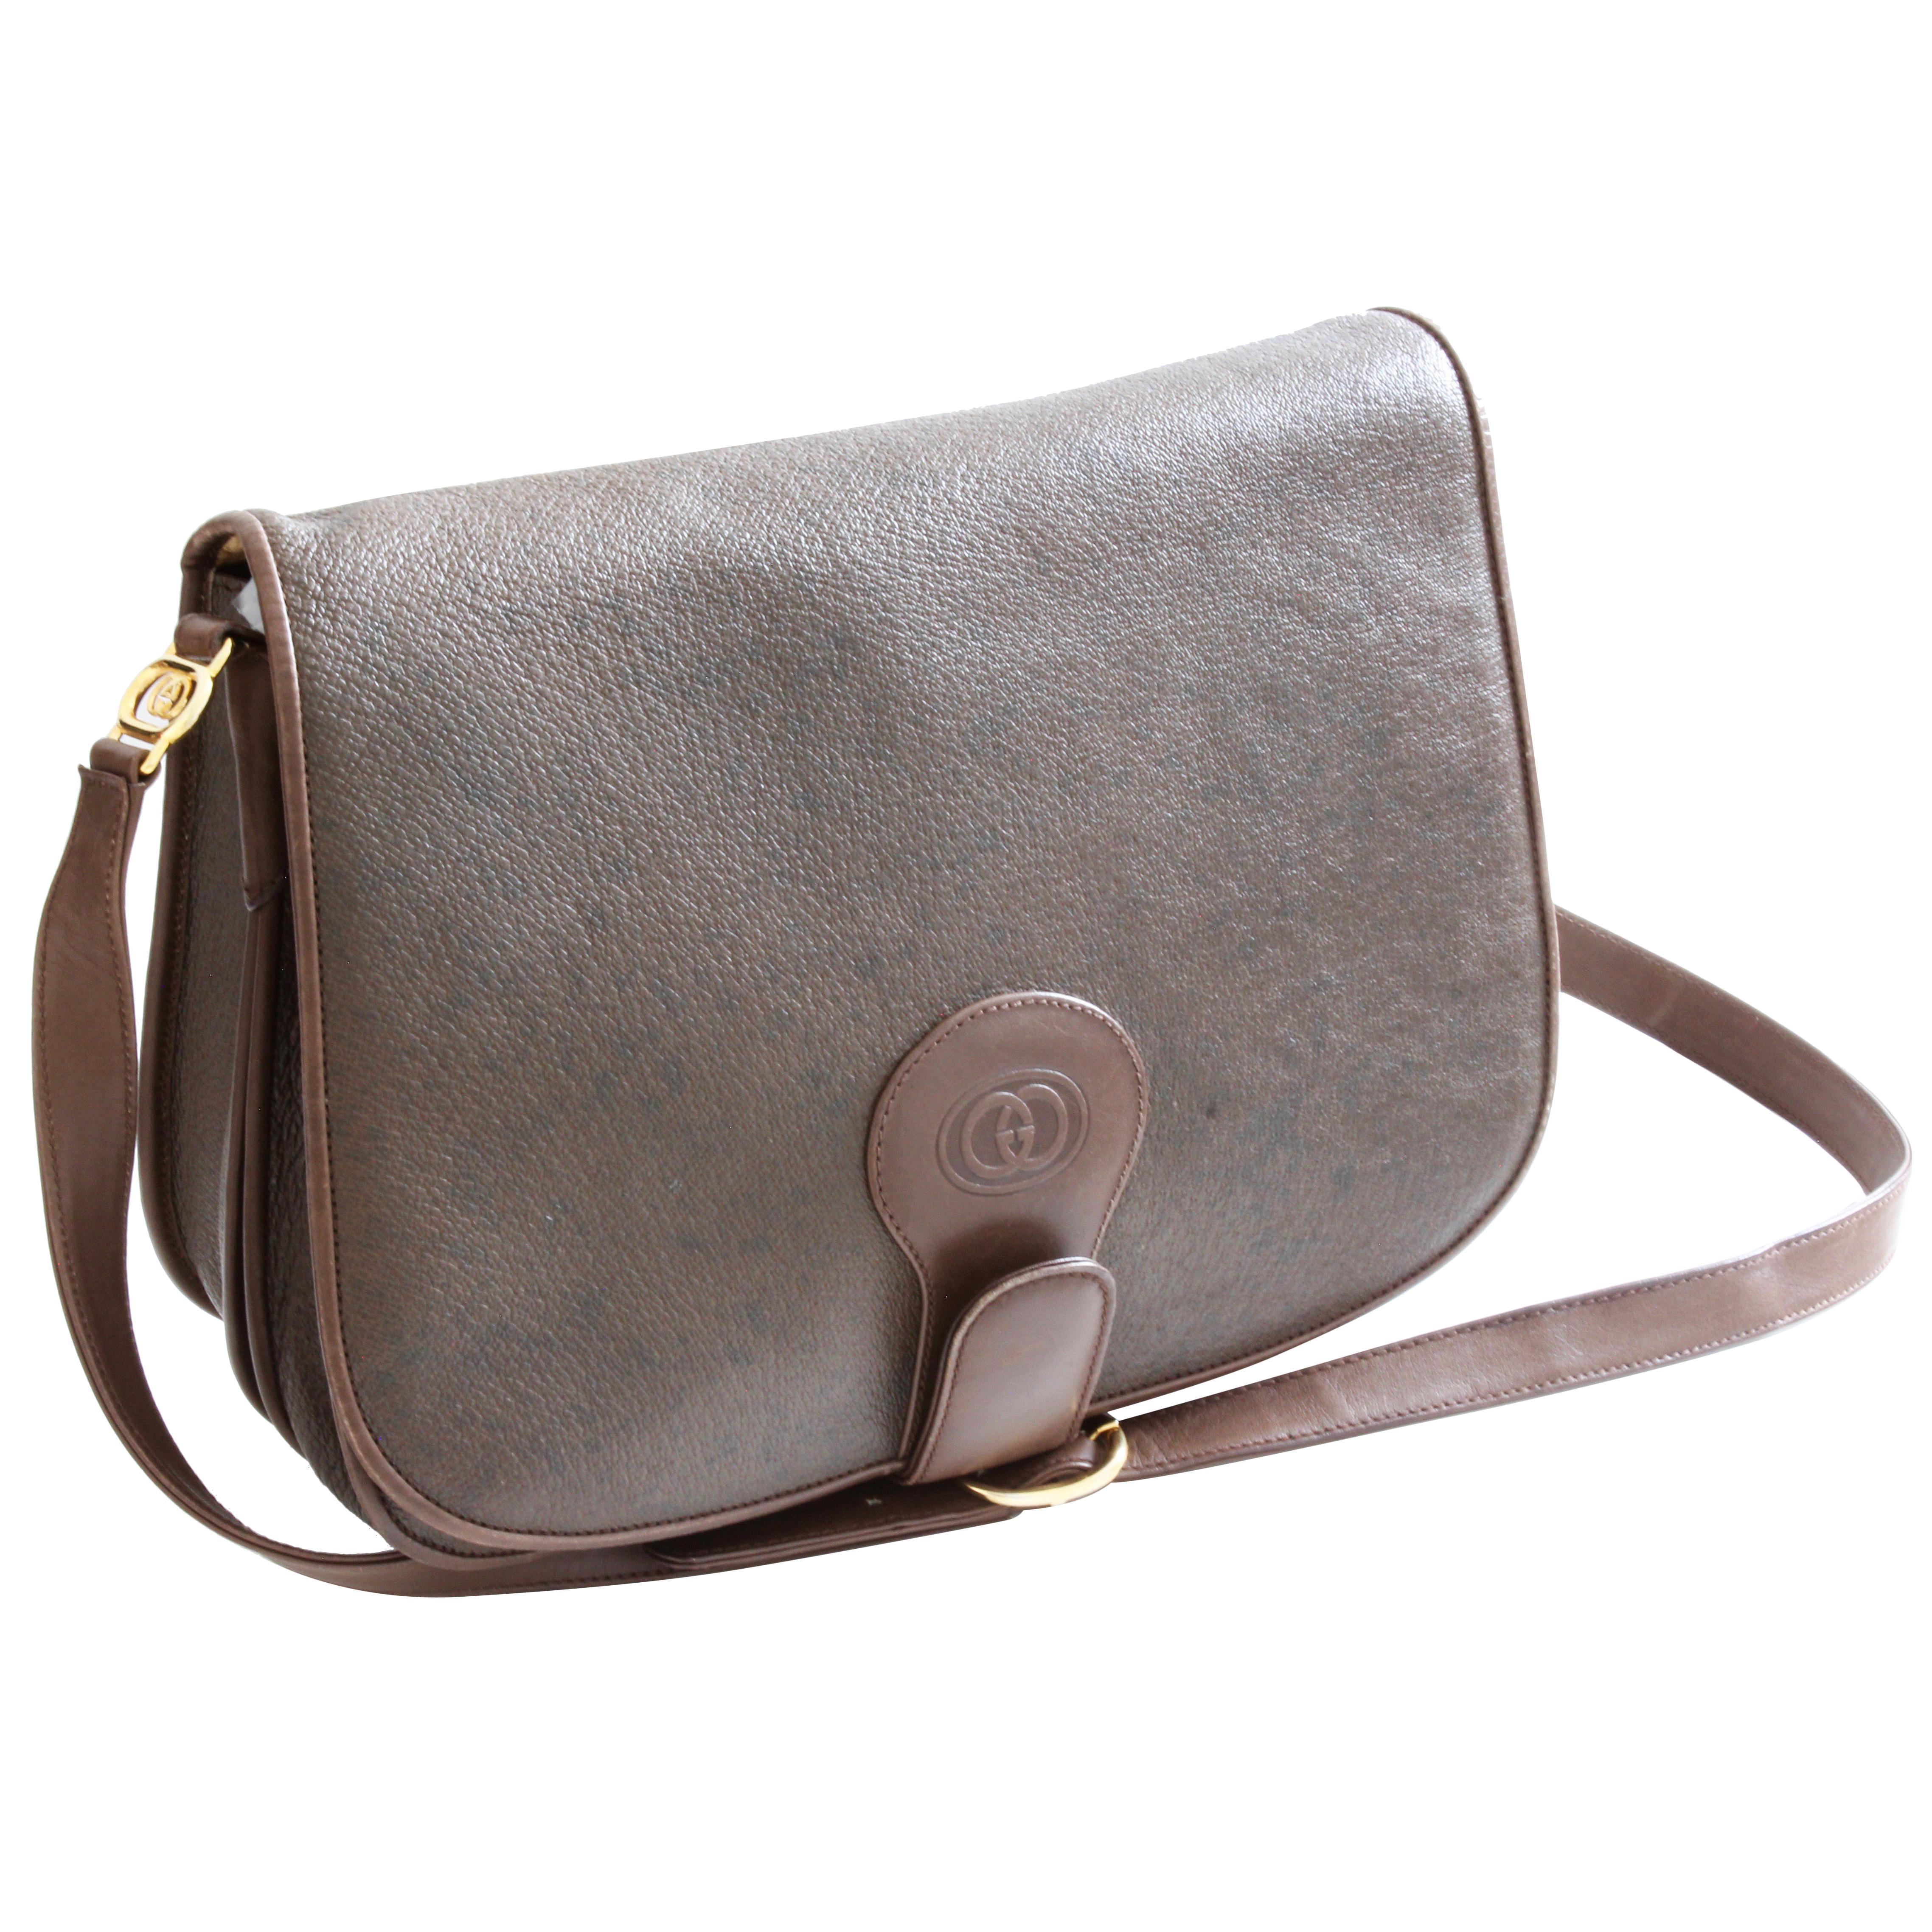 cf8811c73a3aa1 Rare Gucci Shoulder Bag Brown Pigskin Leather Gold GG Logo Messenger  Vintage 80s For Sale at 1stdibs